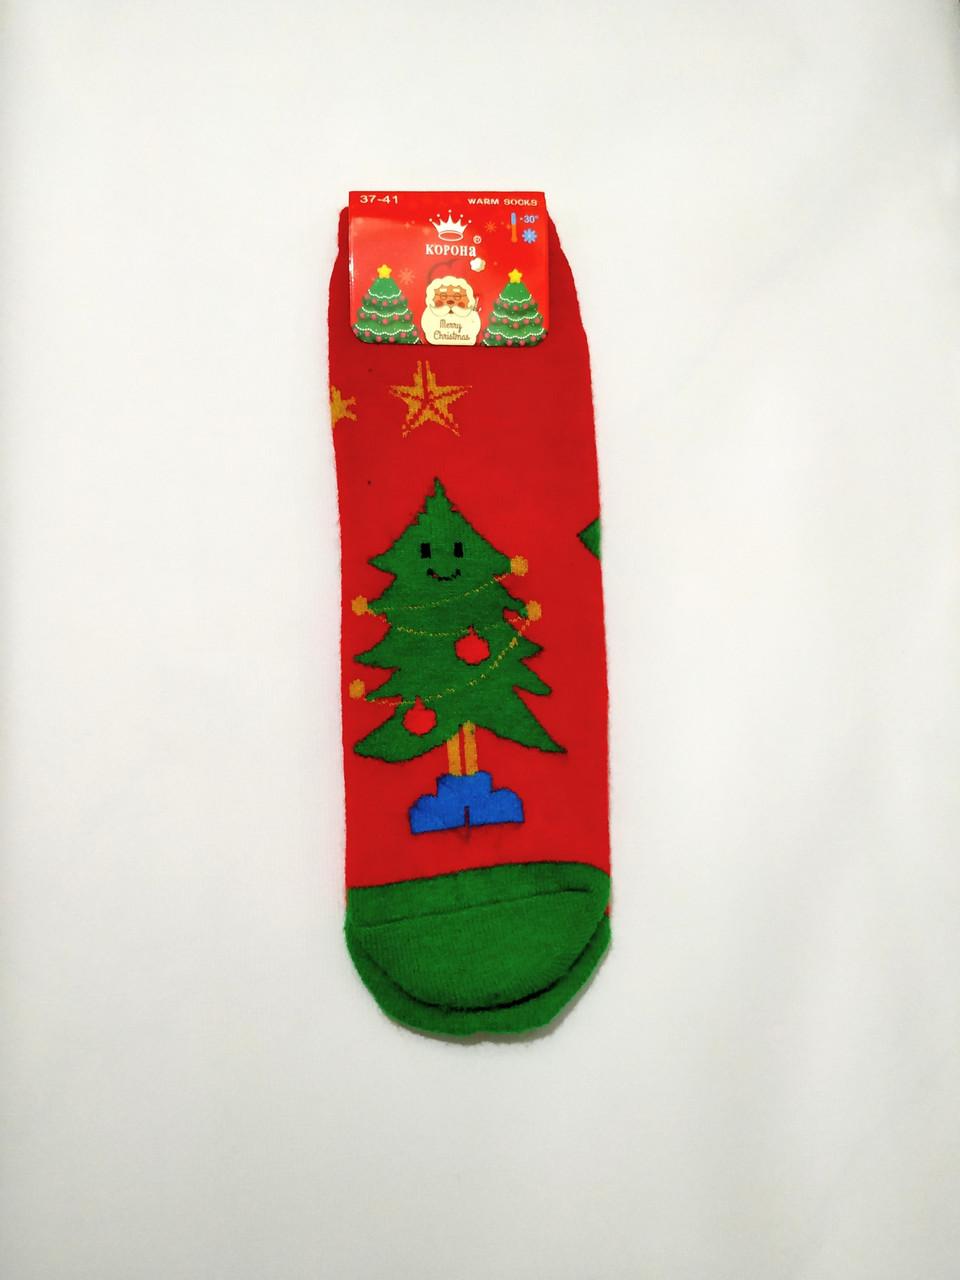 Ангоровые махровые шерстяные носки в стиле Новый Год ёлка размер 37-41